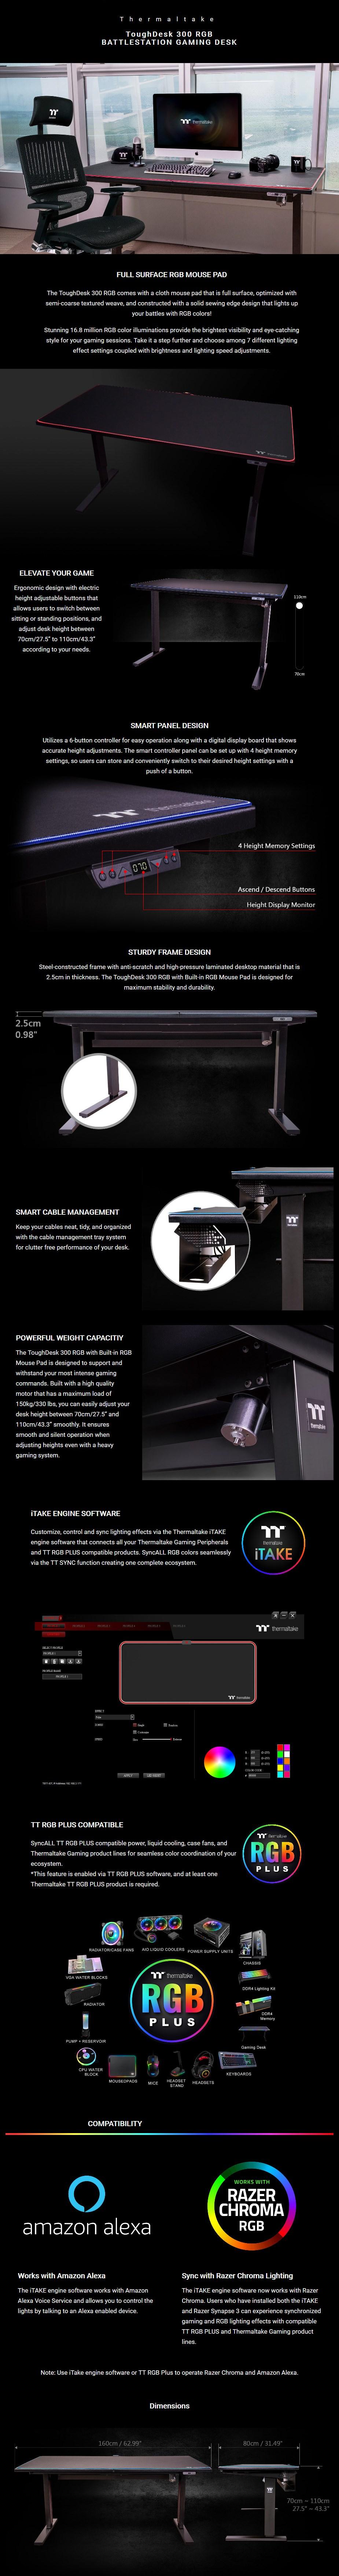 Thermaltake ToughDesk 300 RGB BattleStation Height Adjustable Gaming Desk - Overview 1